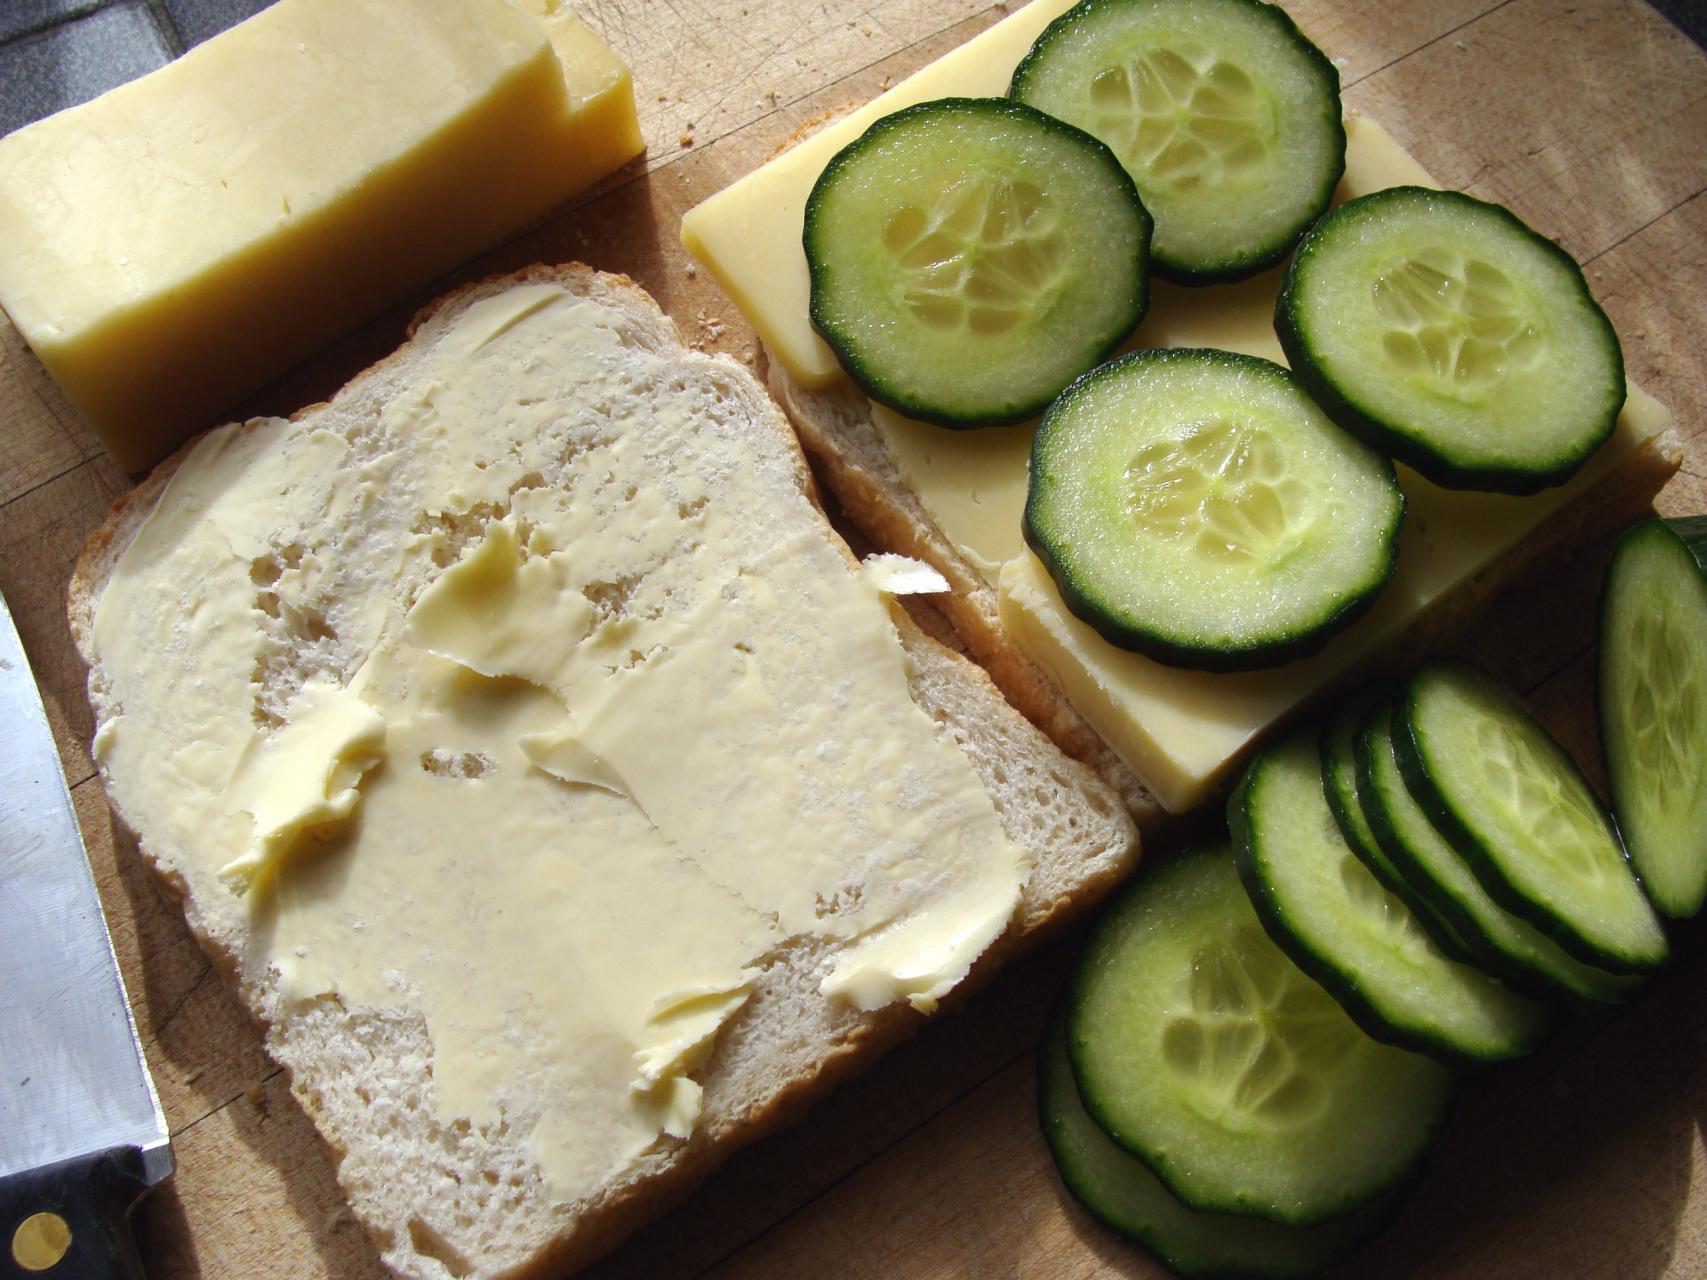 Sandwich-making